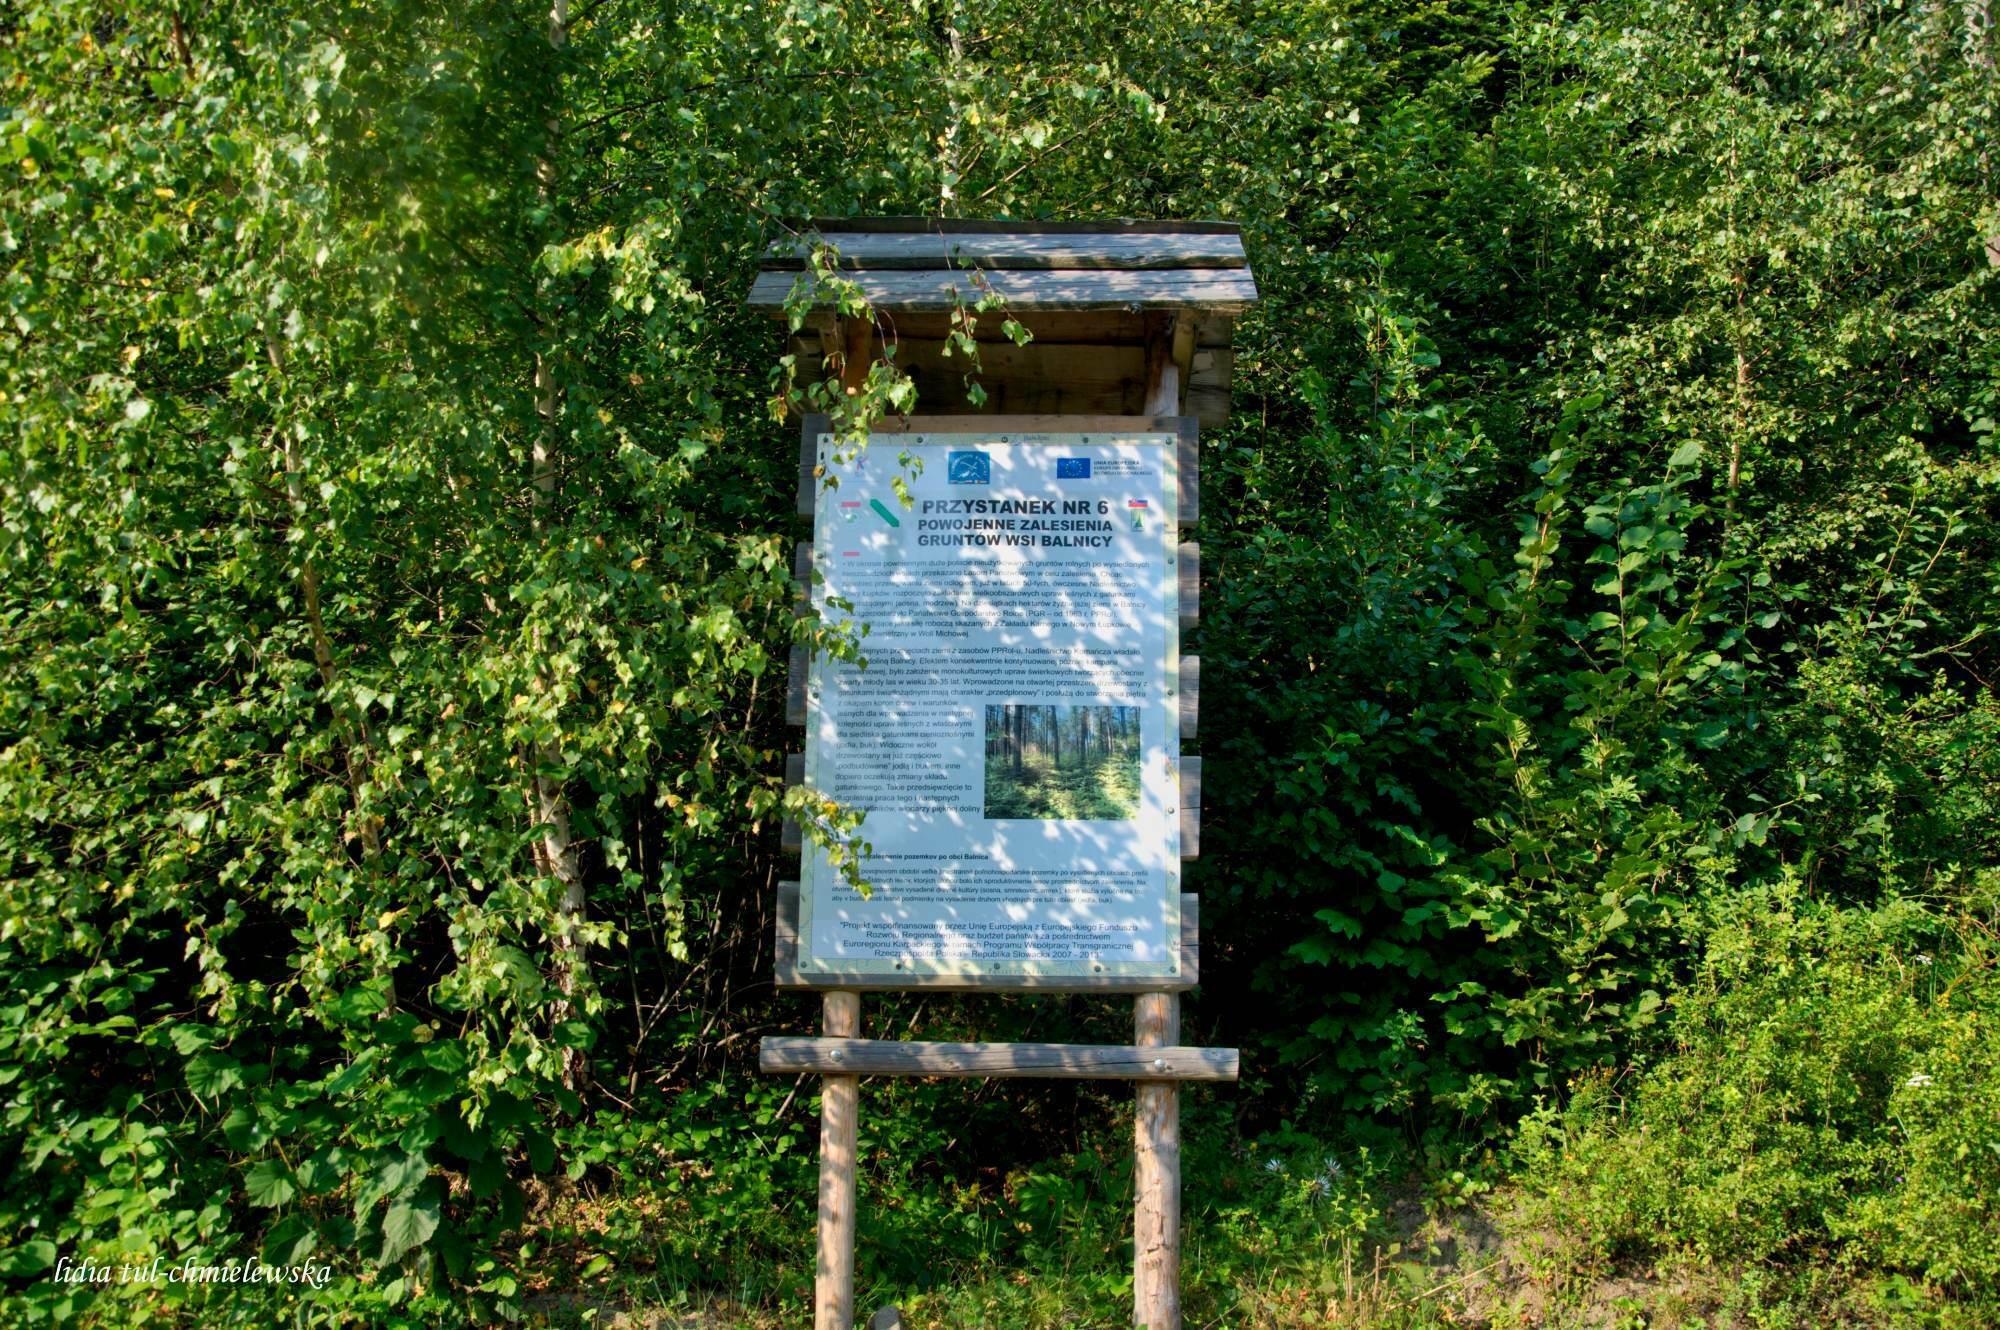 Balnica_tablice informacyjne na terenie wsi(0)_30